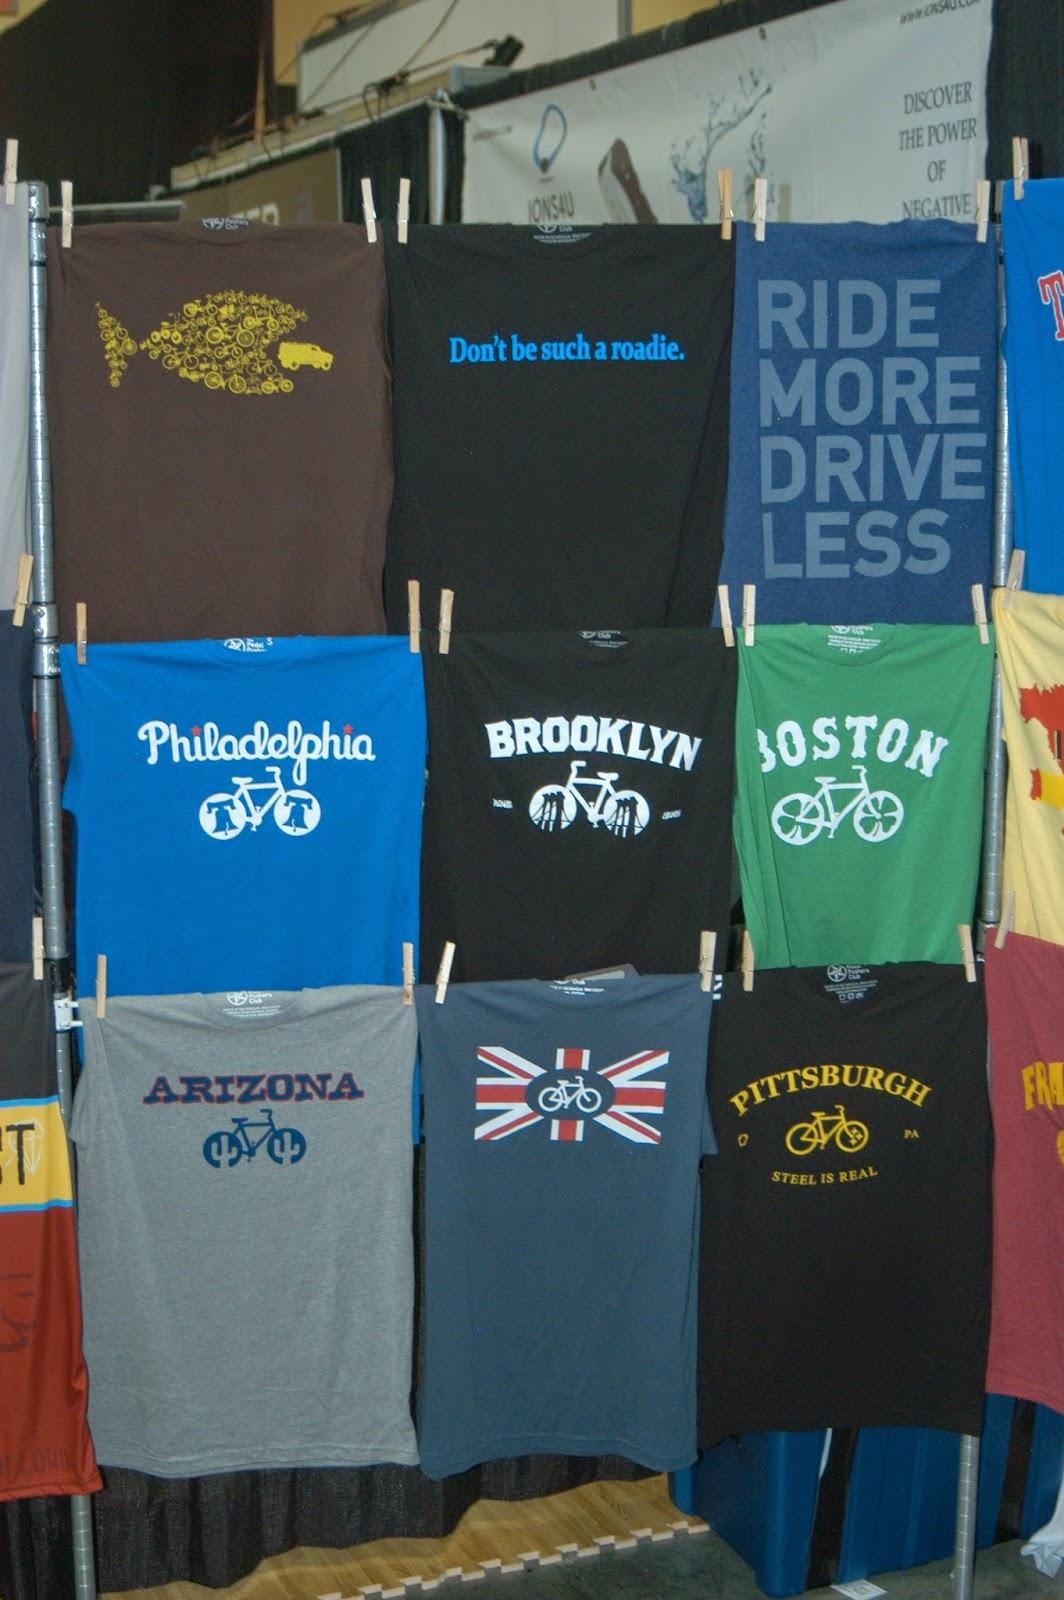 http://www.pedalpushersclub.com/